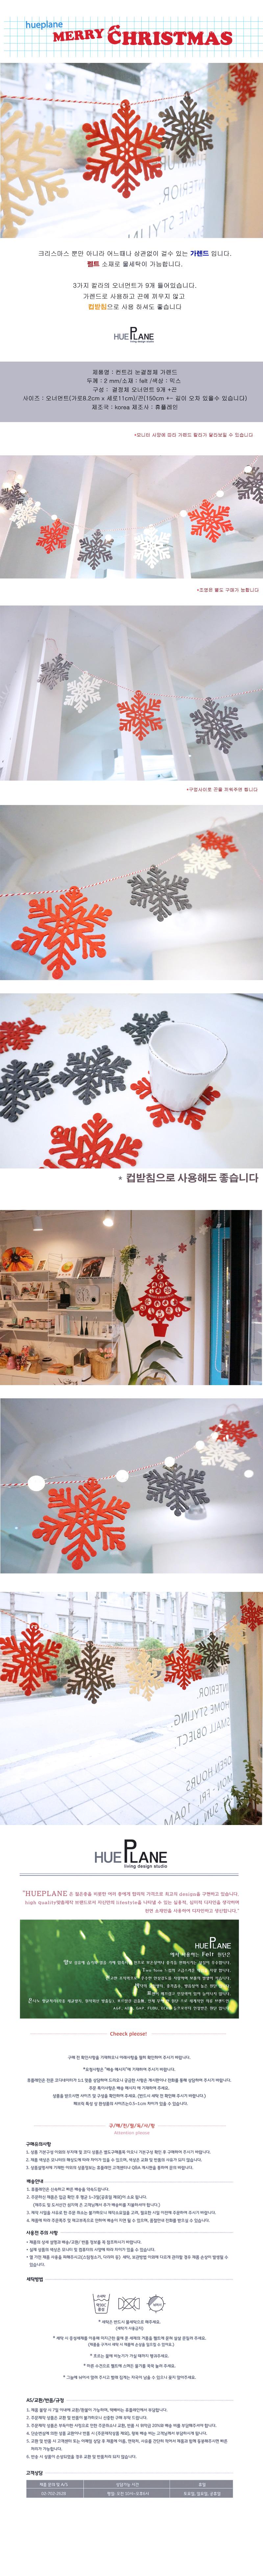 컨츄리 눈결정 가랜드 - 휴플레인, 12,000원, 장식품, 크리스마스소품